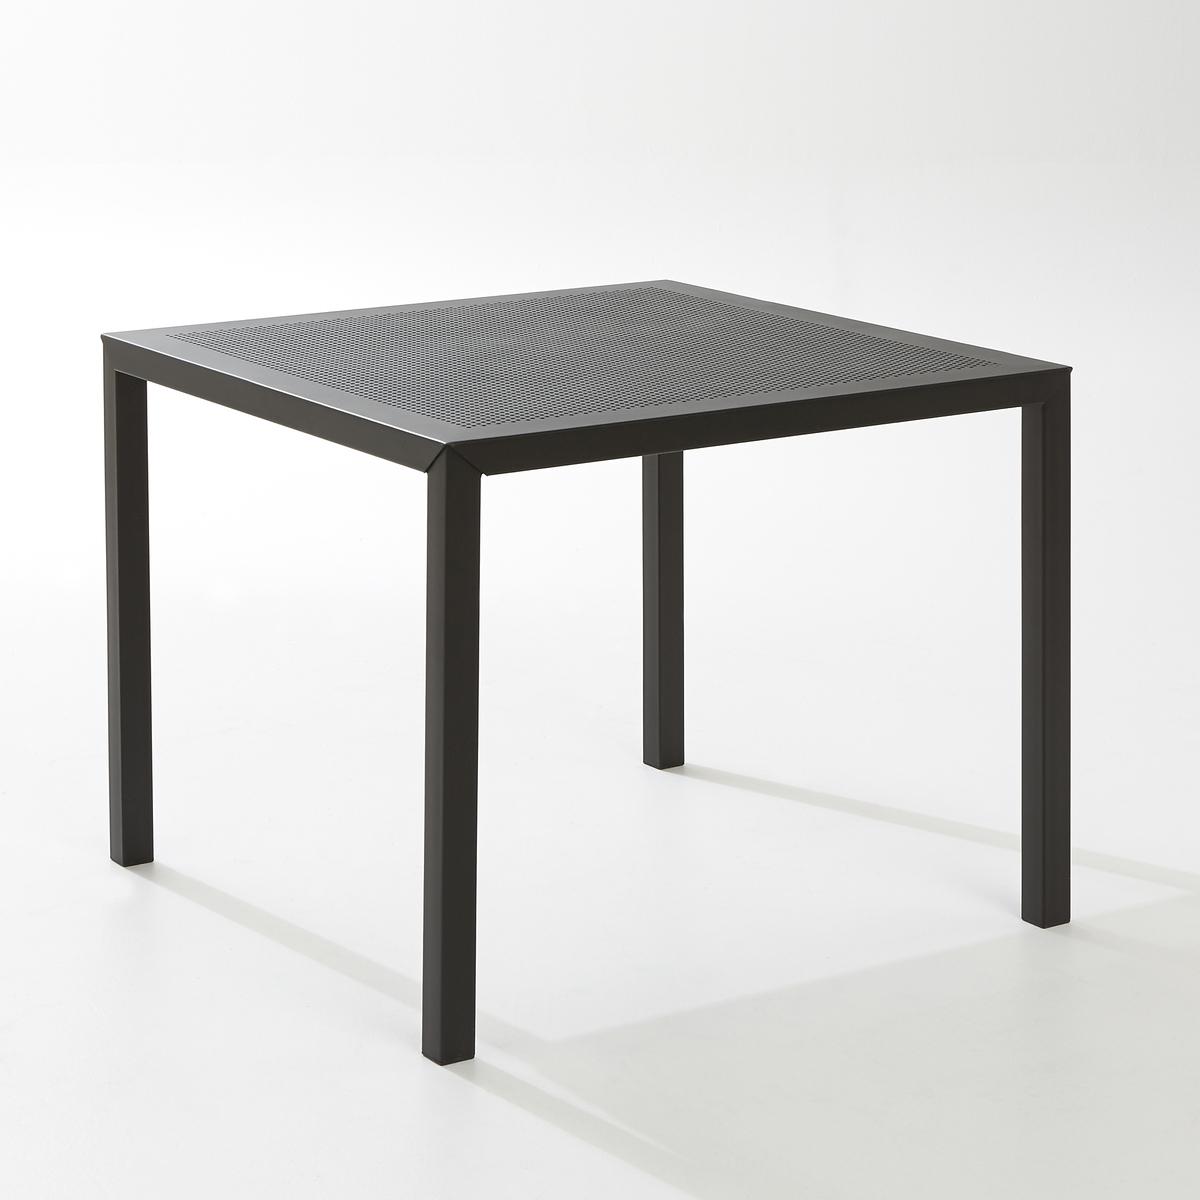 Стол садовый квадратный из перфорированного металла, CHOEКвадратный садовый стол CHOE из перфорированного металла :Этот элегантный стол из металла с перфорацией станет настоящем украшением Вашего сада или террасы !Описание садового стола CHOE:Рассчитан на 4 персоны.Квадратной формыХарактеристики садового стола CHOE  :Столешница из перфорированного металла с покрытием эпоксидной краской.Каркас и ножки из металла с покрытием эпоксидной краской.Другие предметы мебели и декора для сада вы можете найти на сайте laredoute.ru.Размеры садового стола CHOE :Длина : 80 смШирина : 80 смВысота : 74 смРазмеры и вес упаковки :1 упаковкаДлина 92 см Ширина 86 смВысота 15,5 см17 кгДоставка:Товар продается в разобранном виде.  Возможна доставка до квартиры по предварительной договоренности! Внимание! Убедитесь, что доставка товара возможна, учитывая его габариты (проходит в дверные проемы, лифты, по лестницам).<br><br>Цвет: черный